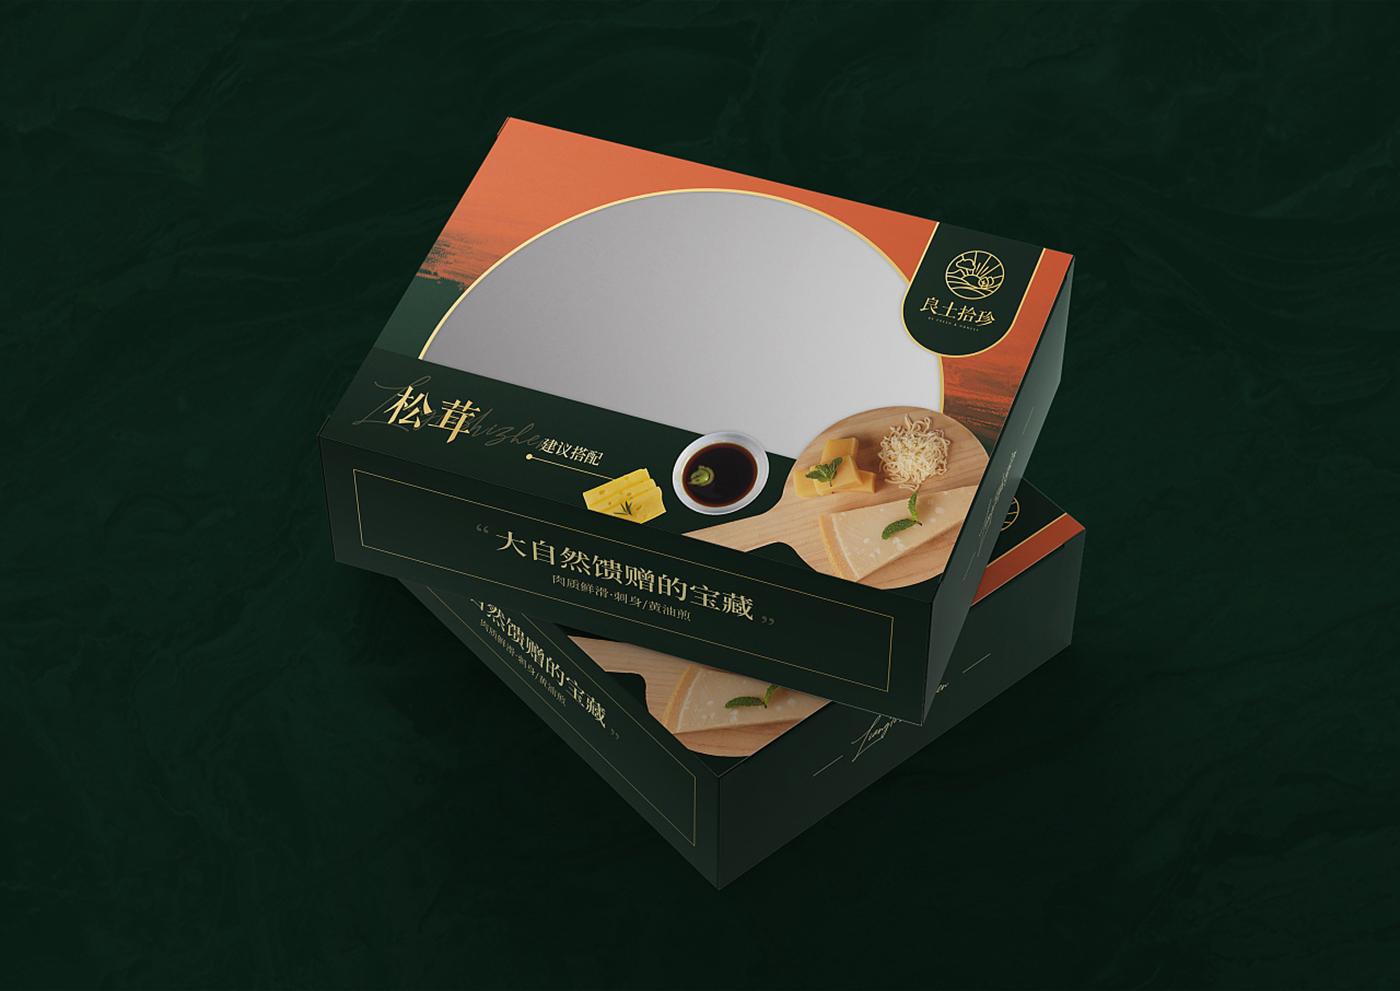 《良土拾珍》菌菇农产品包装设计图3